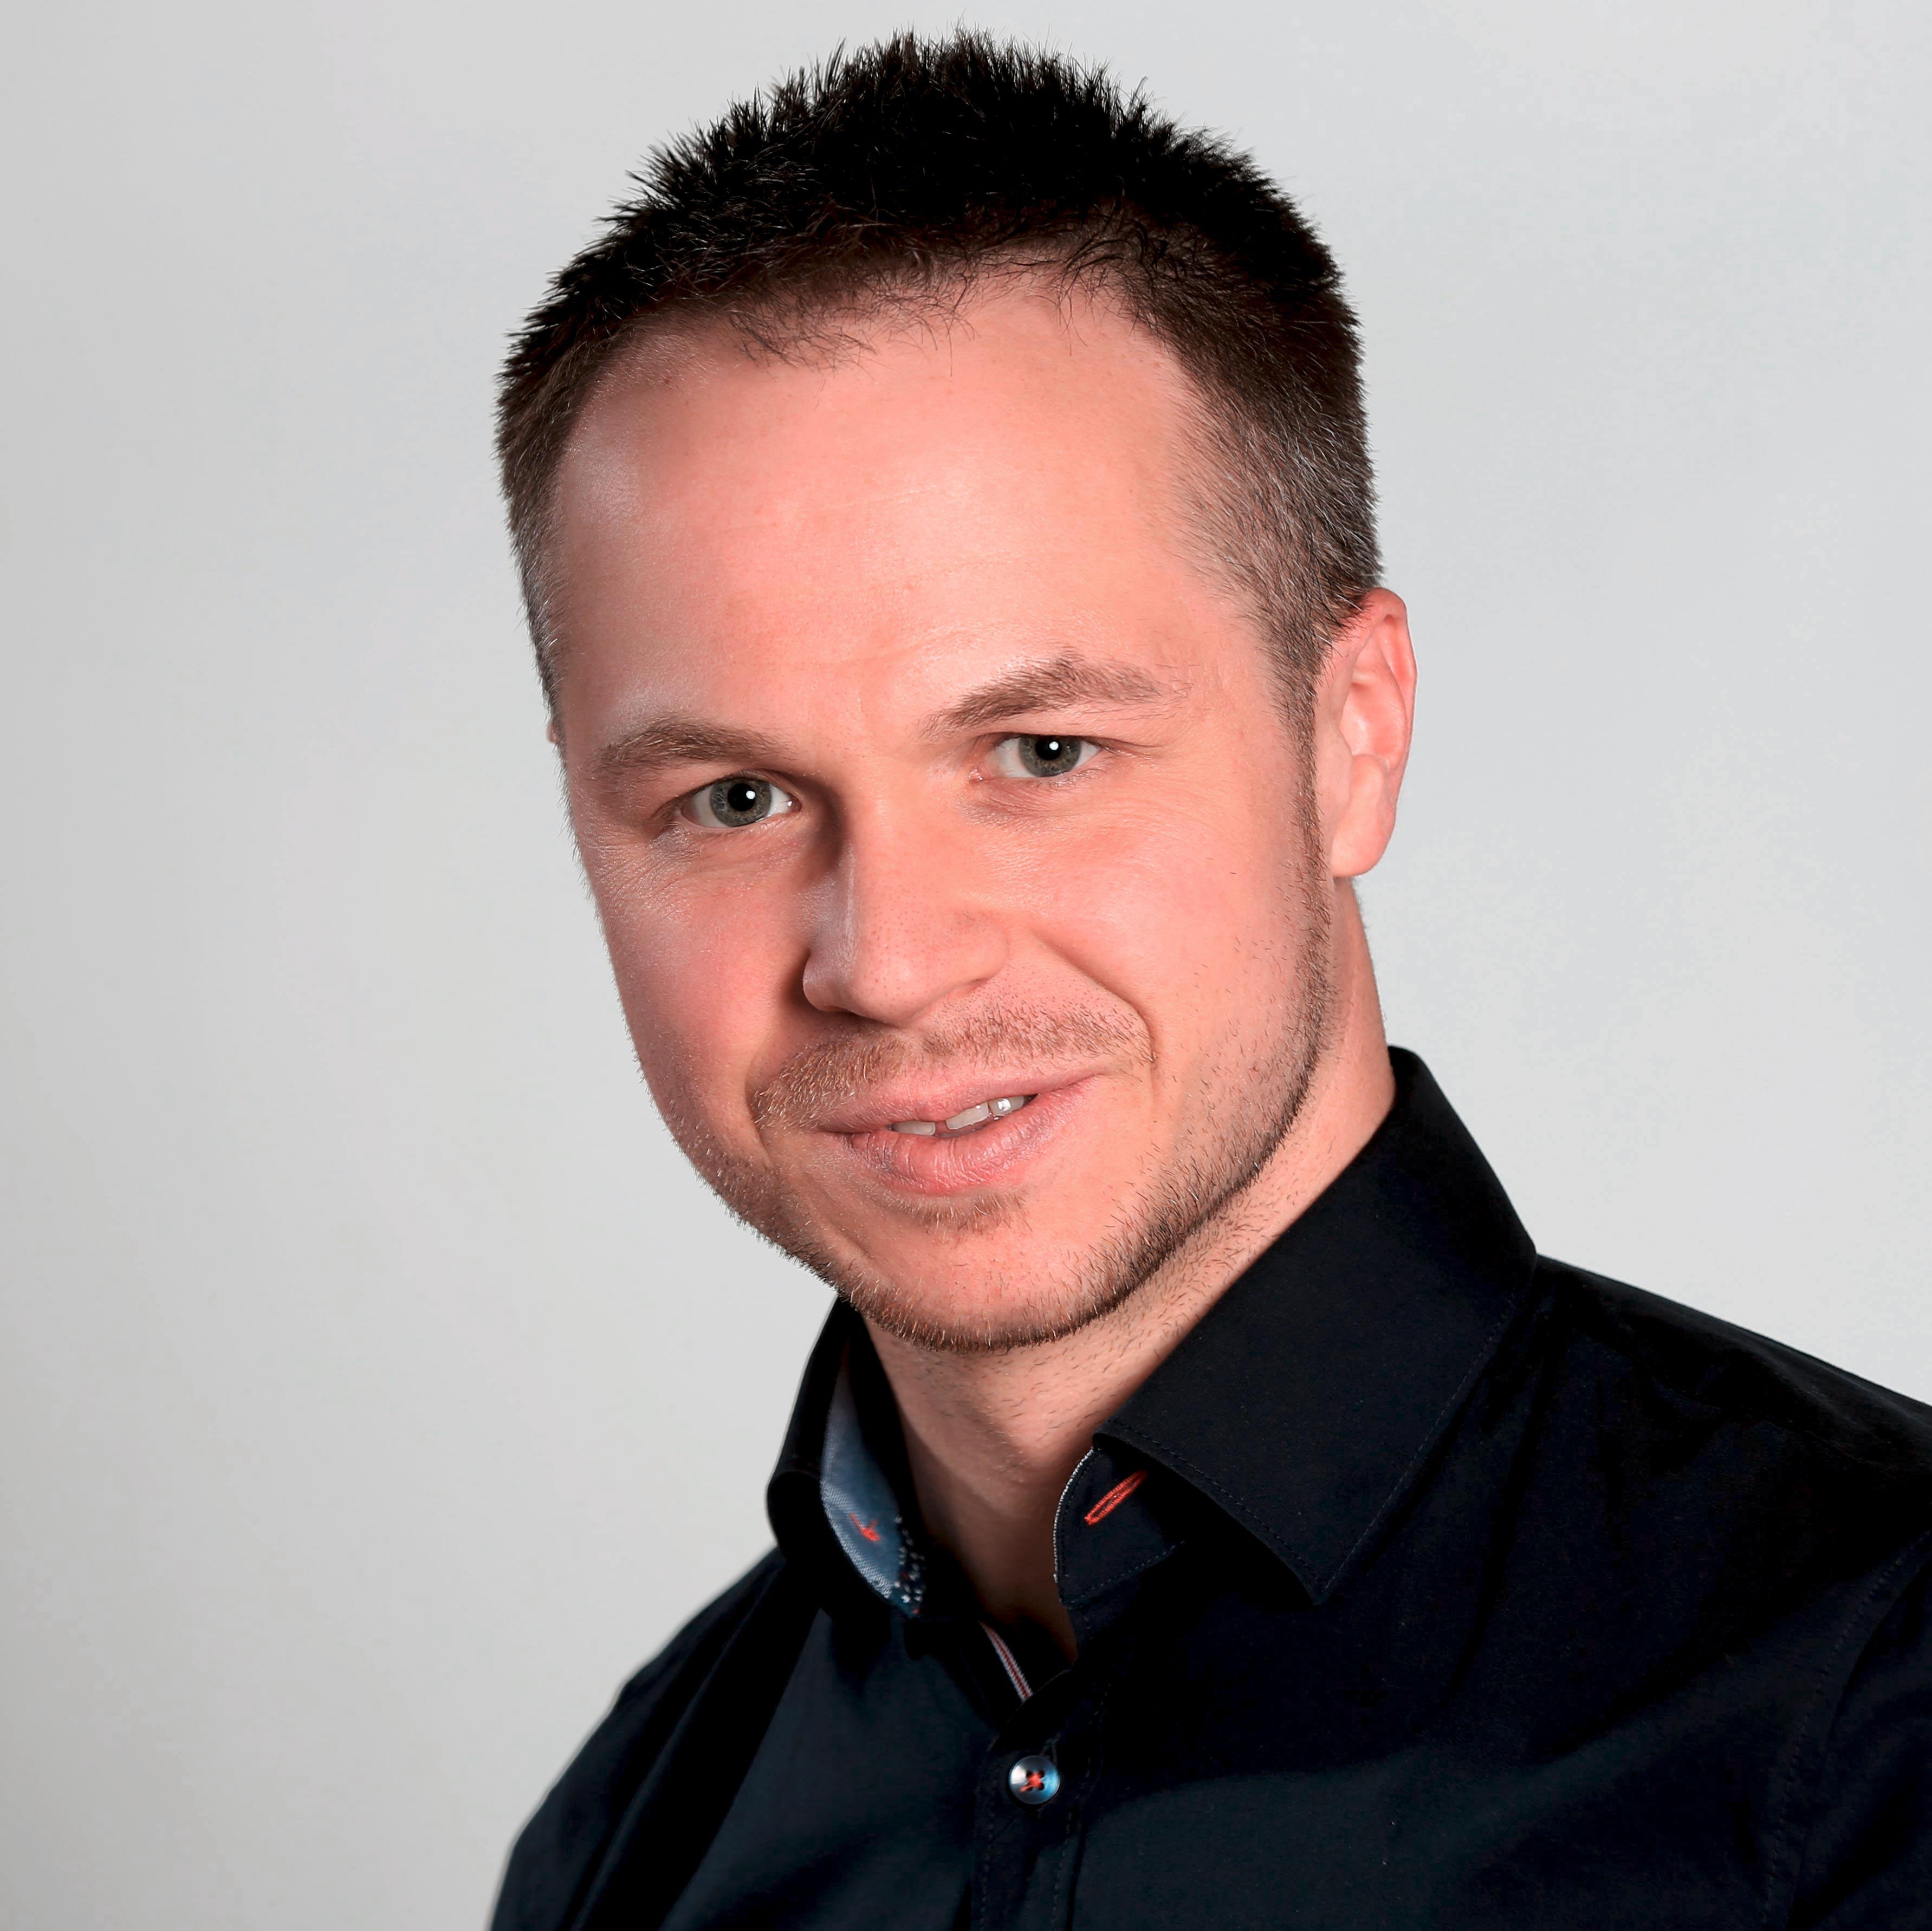 Florian Görlitz